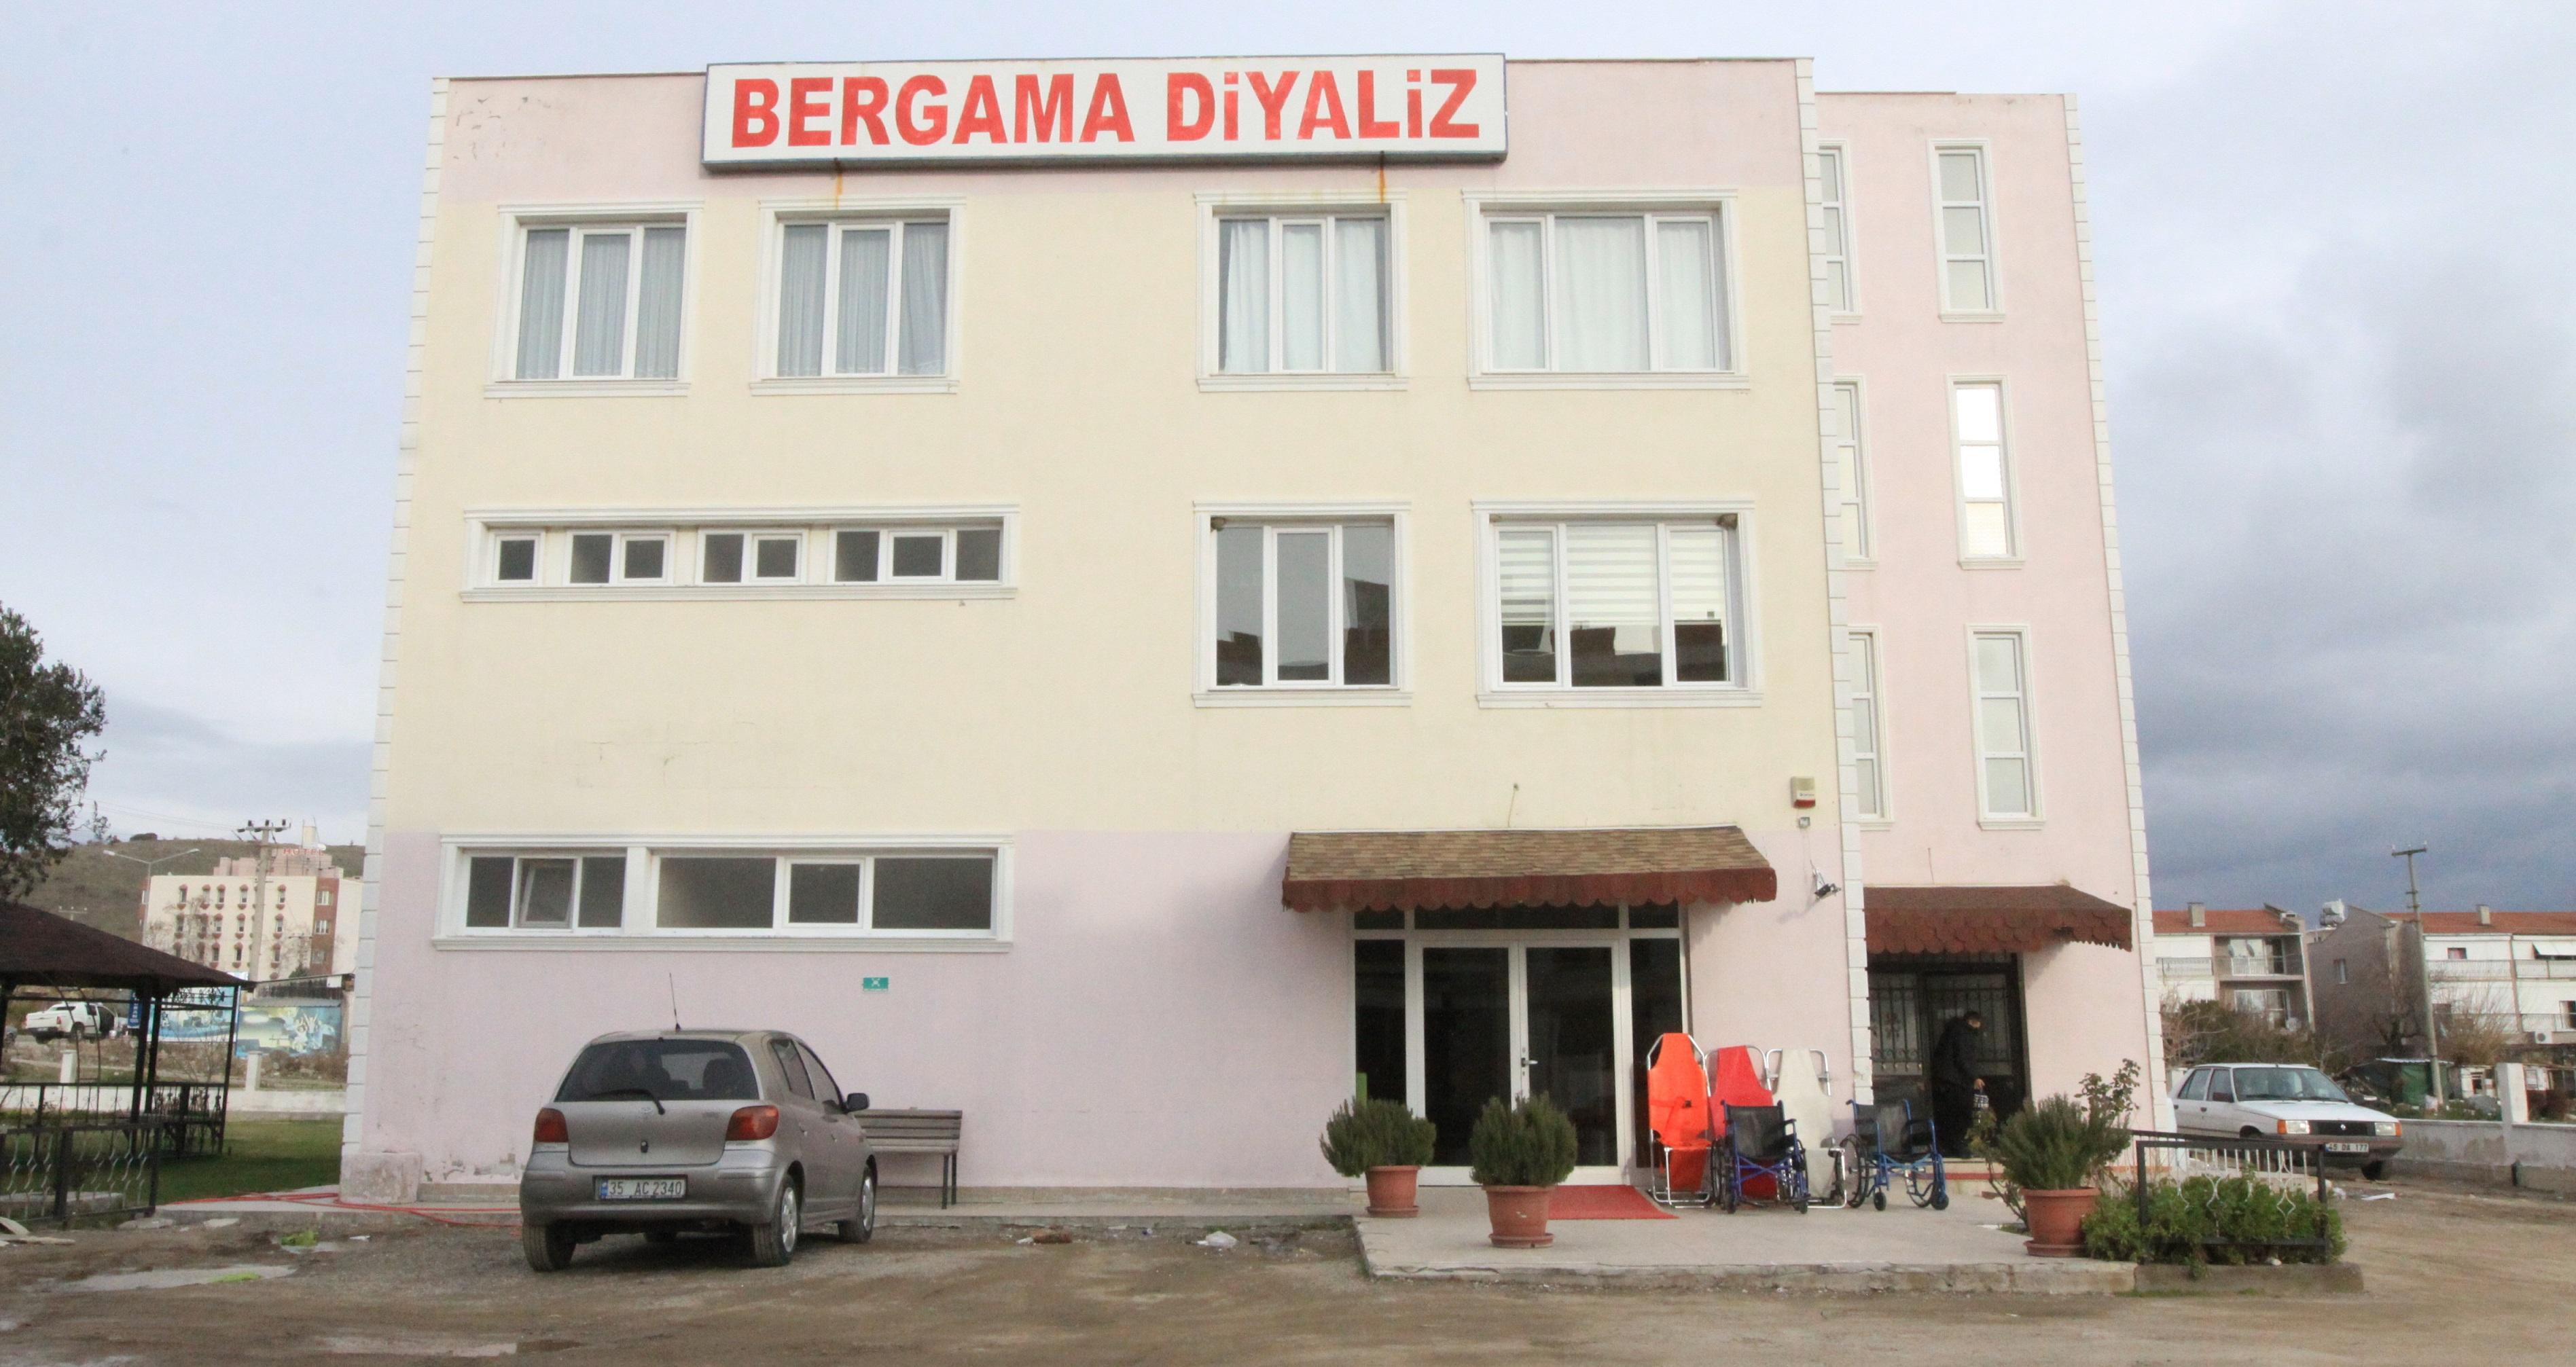 Bergama Diyaliz Merkezi